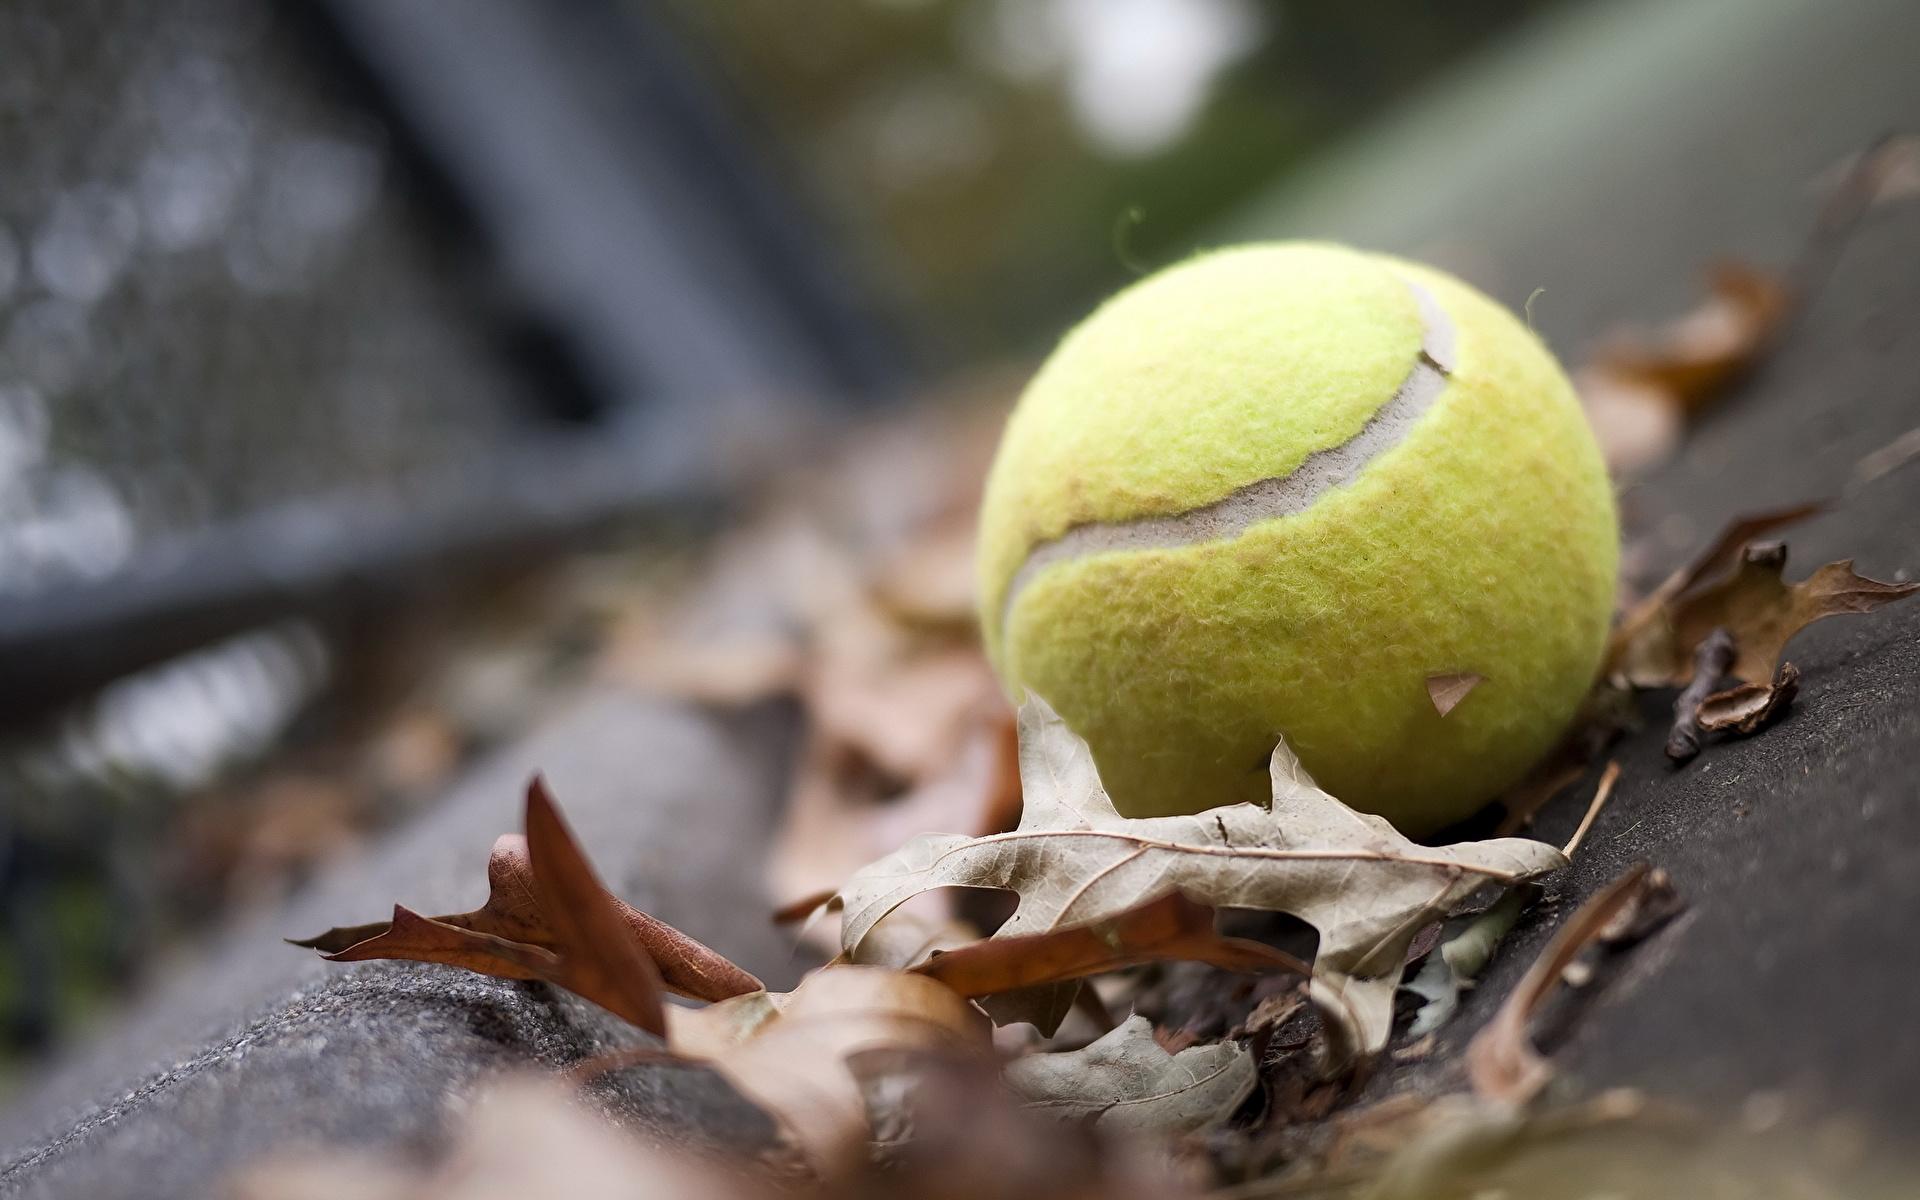 теннисный мяч  № 1367188 без смс